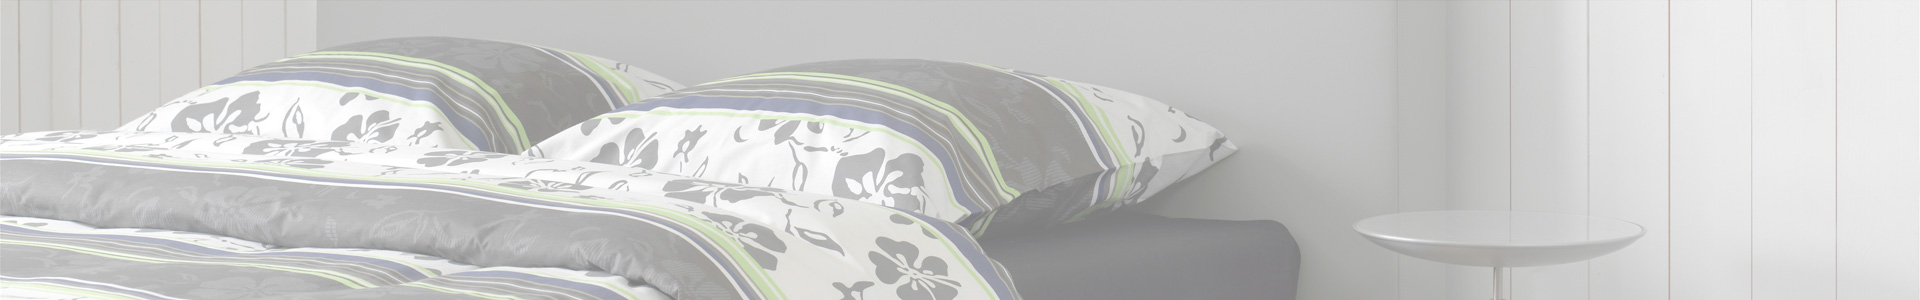 housse de couettes imprim es univers du sommeil. Black Bedroom Furniture Sets. Home Design Ideas